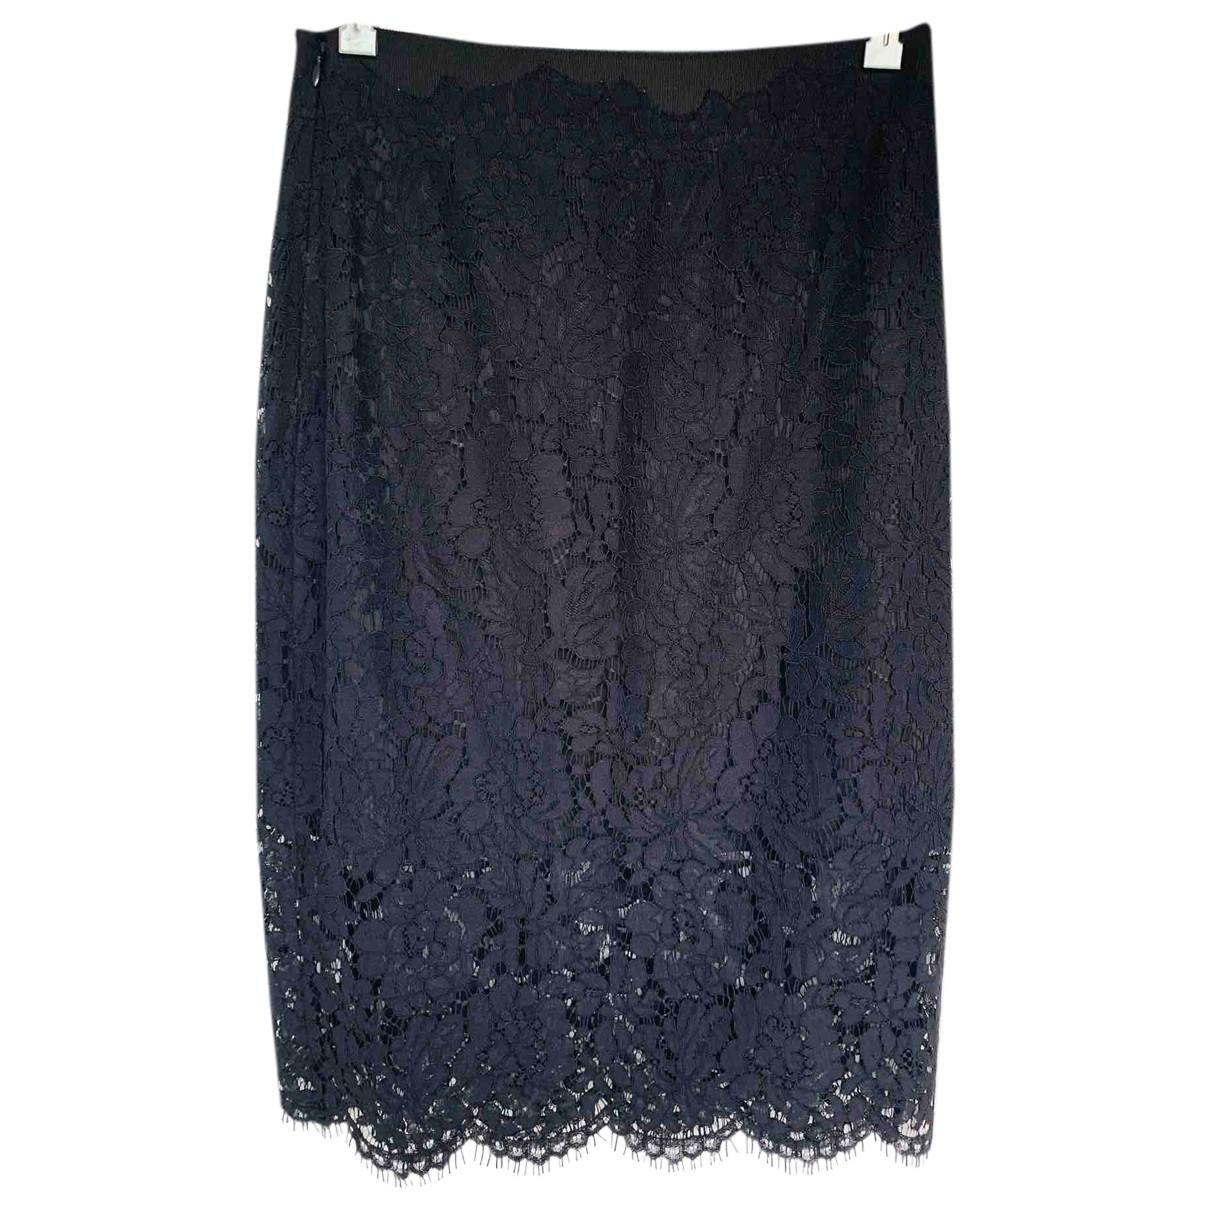 Diane Von Furstenberg \N Navy Cotton skirt for Women M International